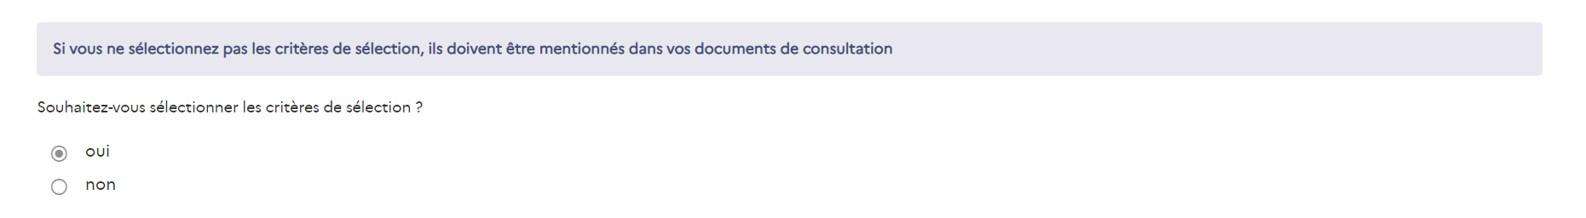 Image des bonnes pratiques criteres de selection (FR)